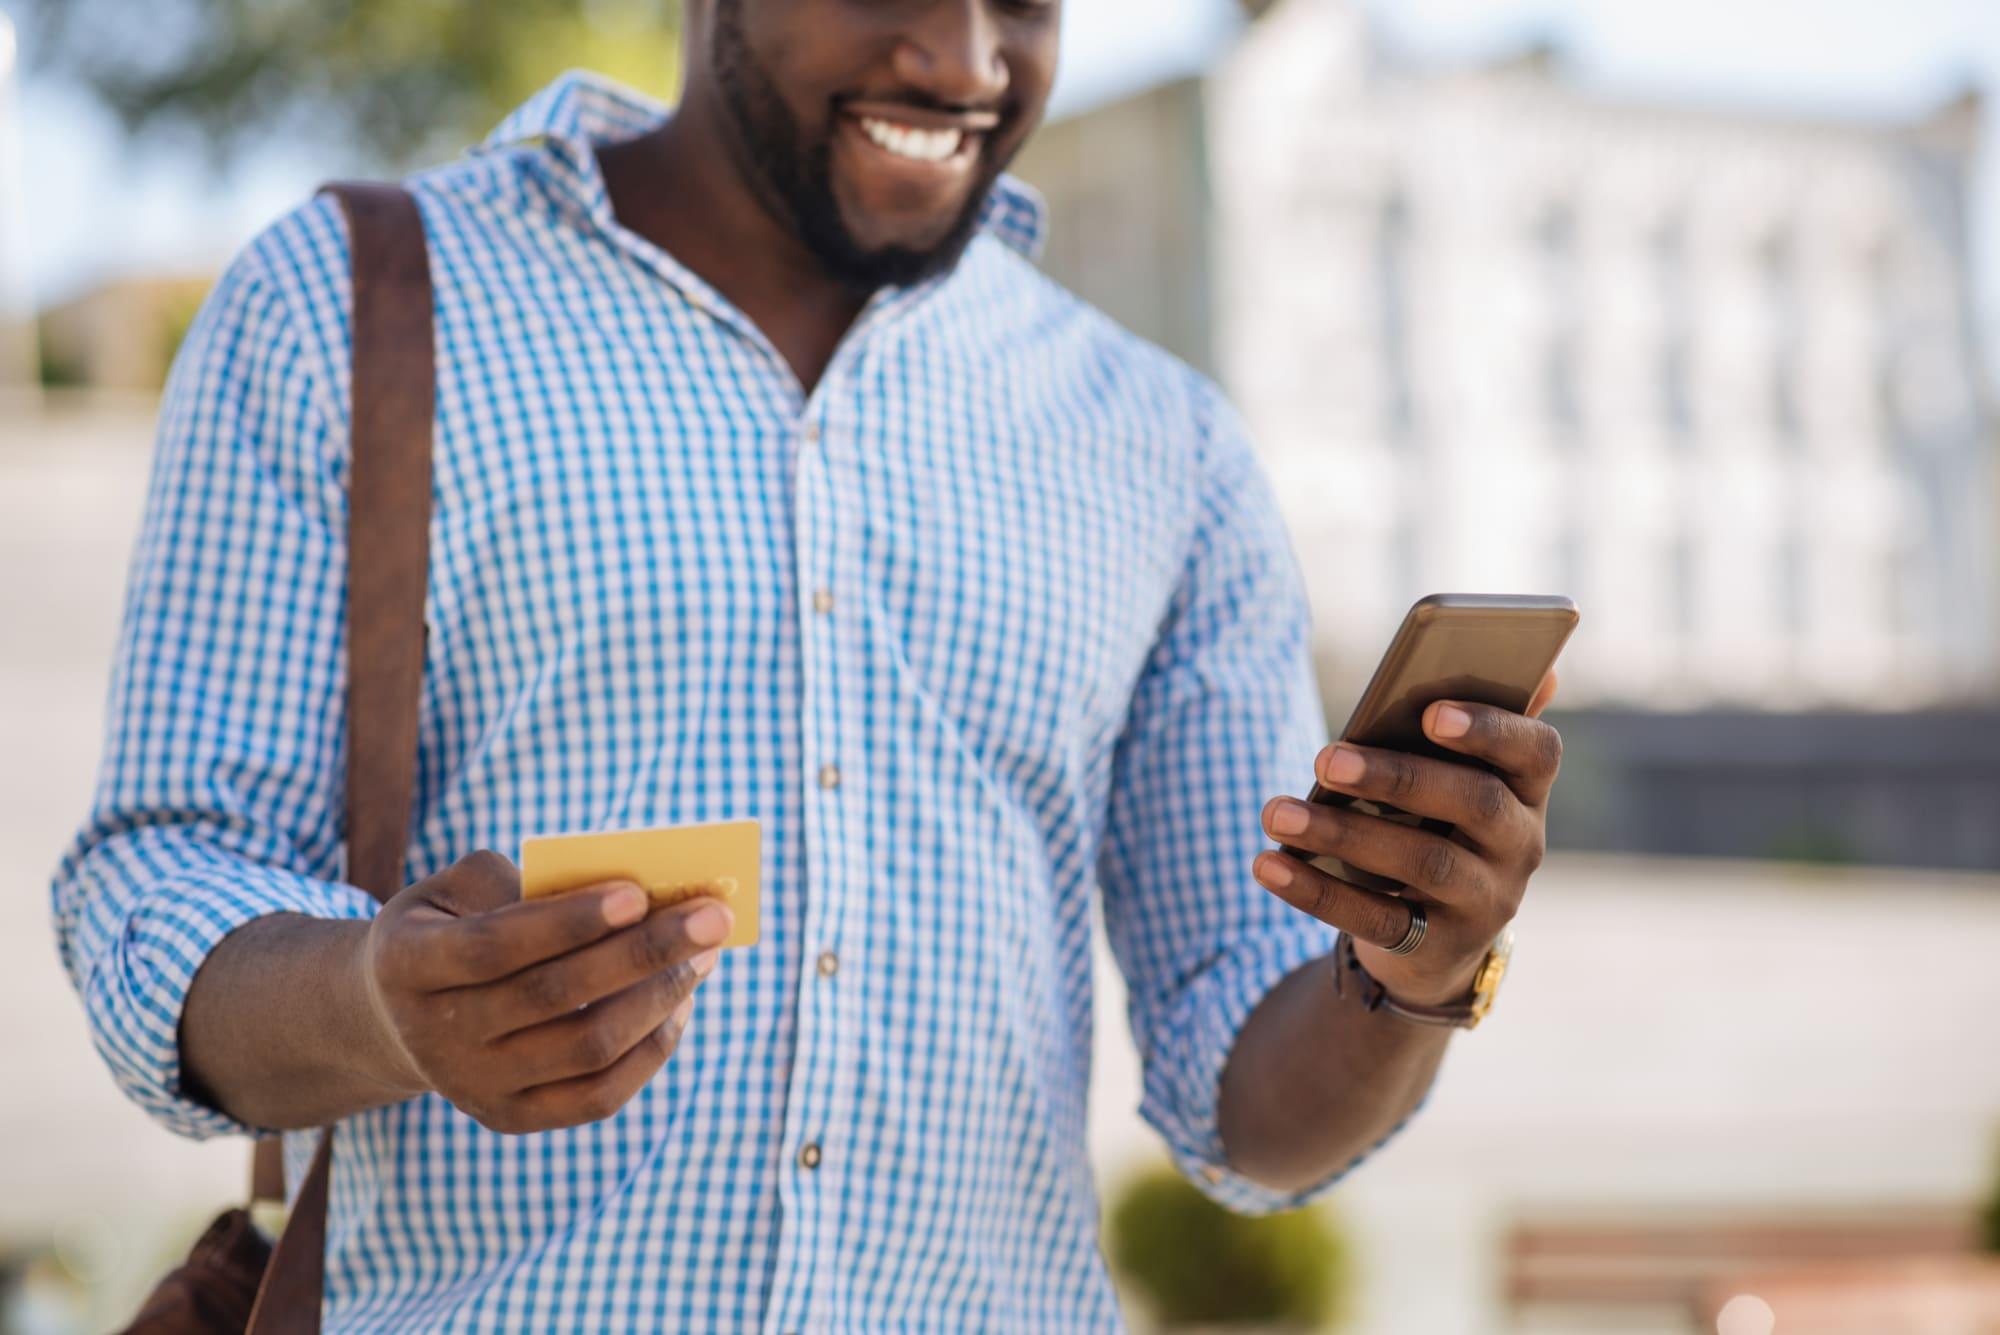 スマホとクレジットカードを見ながら微笑む外国人男性